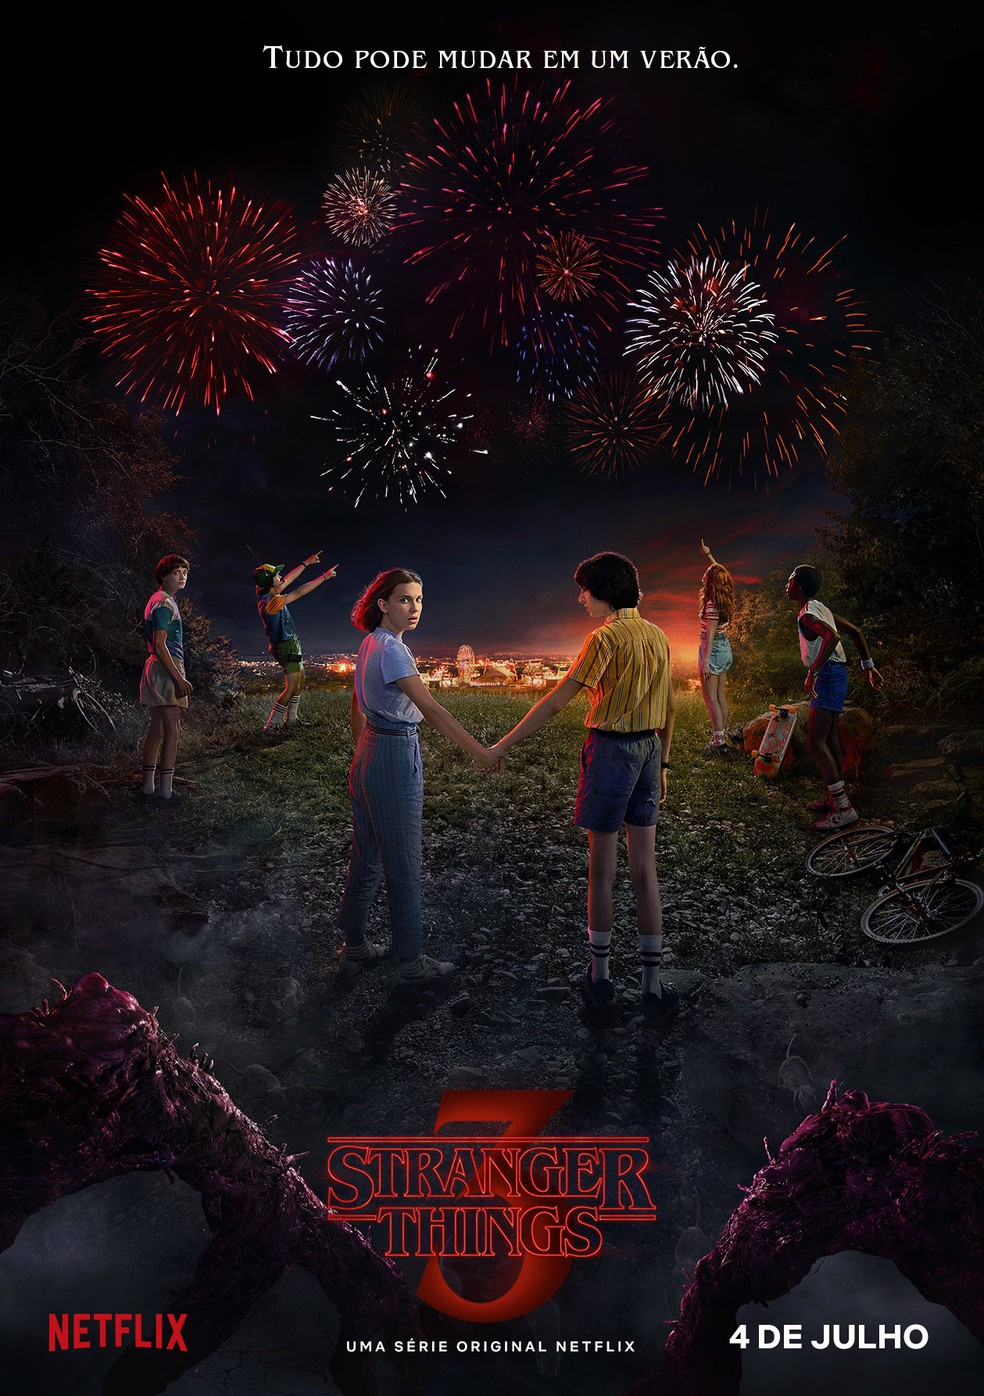 Cartaz da terceira temporada de 'Stranger things', divulgado no primeiro dia de 2019 — Foto: Divulgação/Netflix